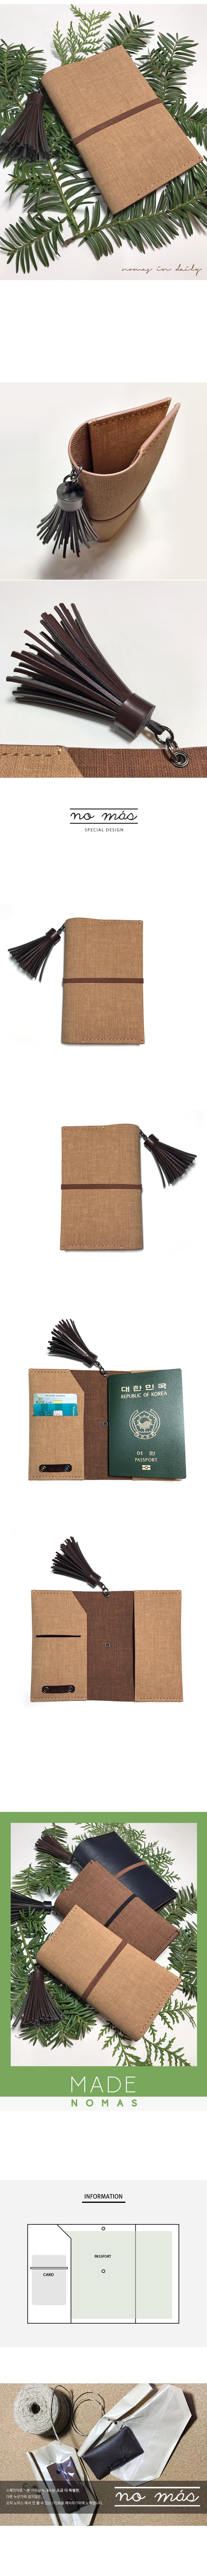 노마스(NO MAS) PASSPORT CASE (F-TAN)